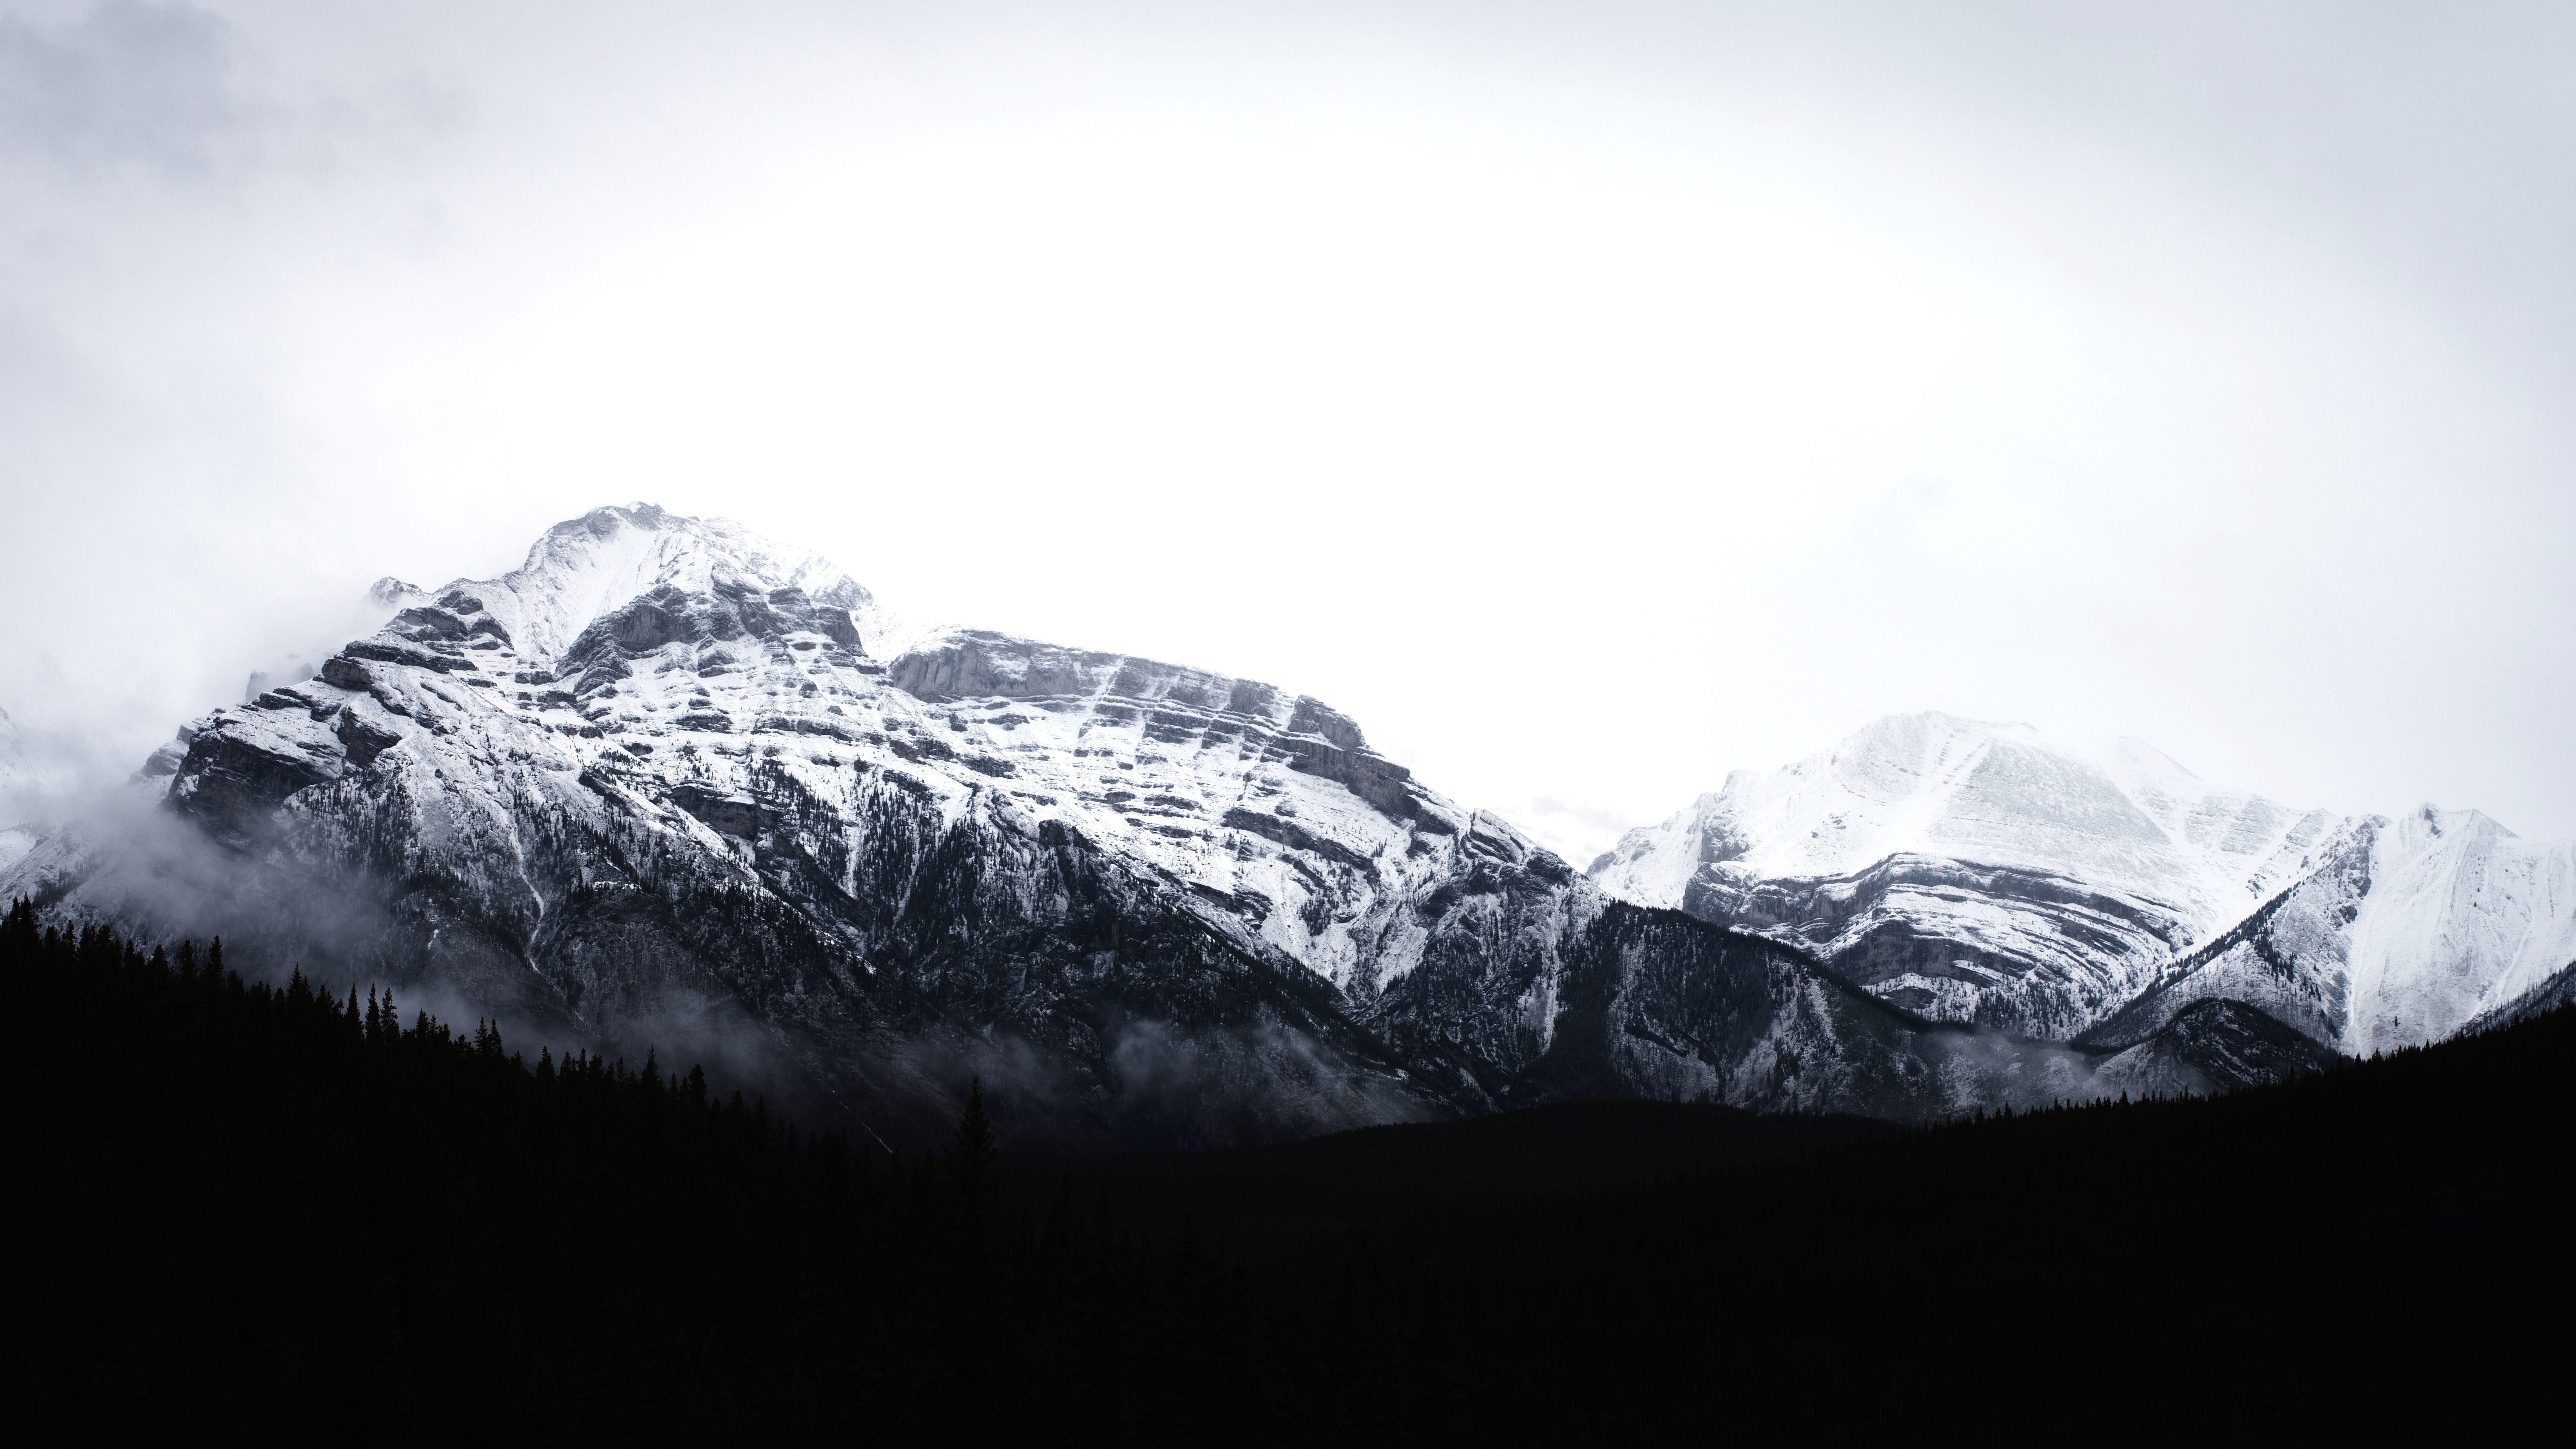 Imagen gratis: nieve, cima de la montaña, invierno, montaña, pico